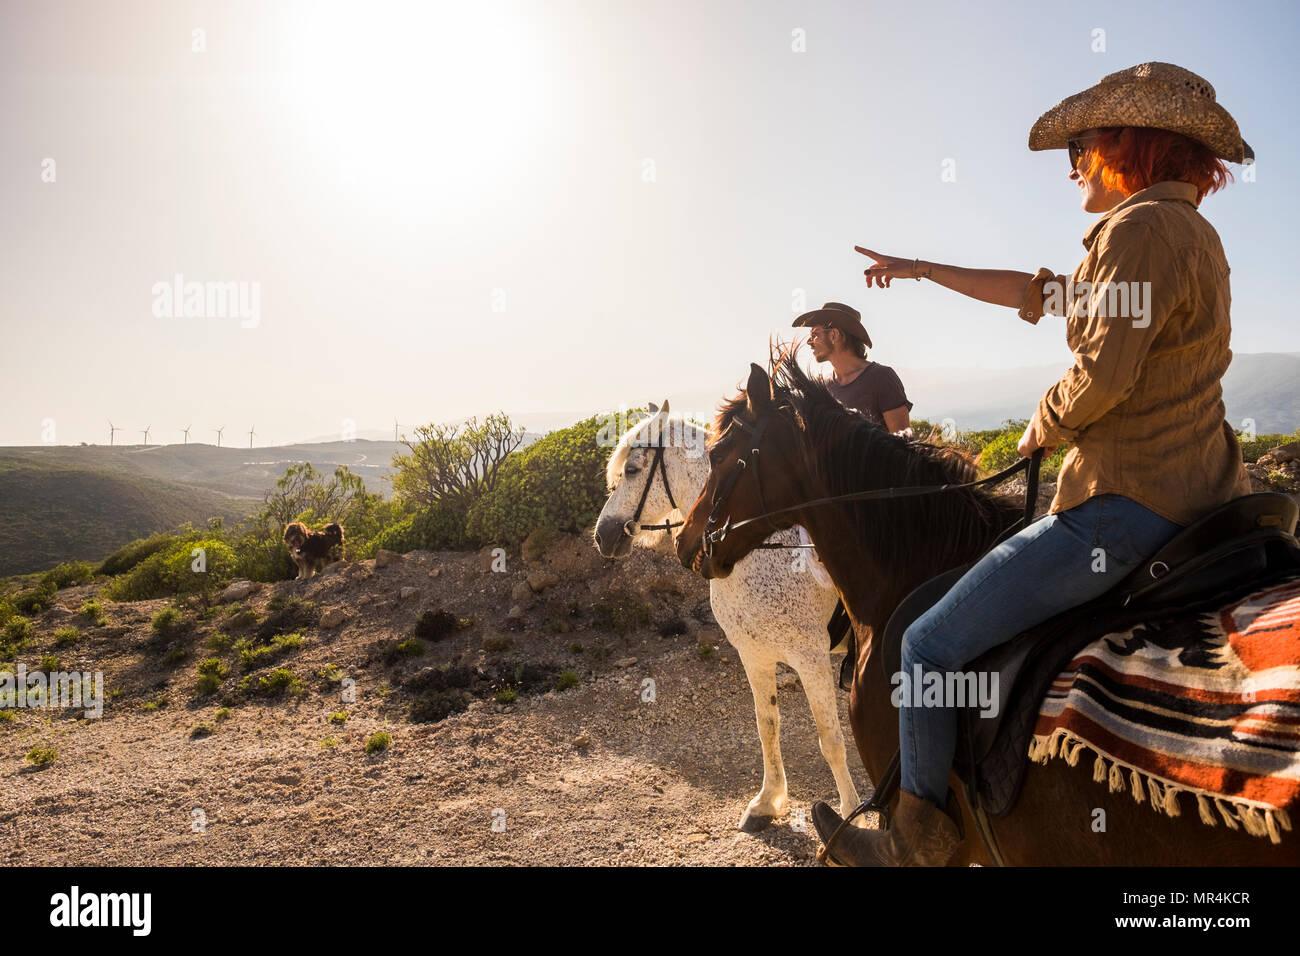 Couple en vacances à Tenerife monter à cheval dans la nature. moulin à vent sur l'arrière-plan et couleur ensoleillée journée. chien et animaux de l'activité de loisirs de plein air Banque D'Images